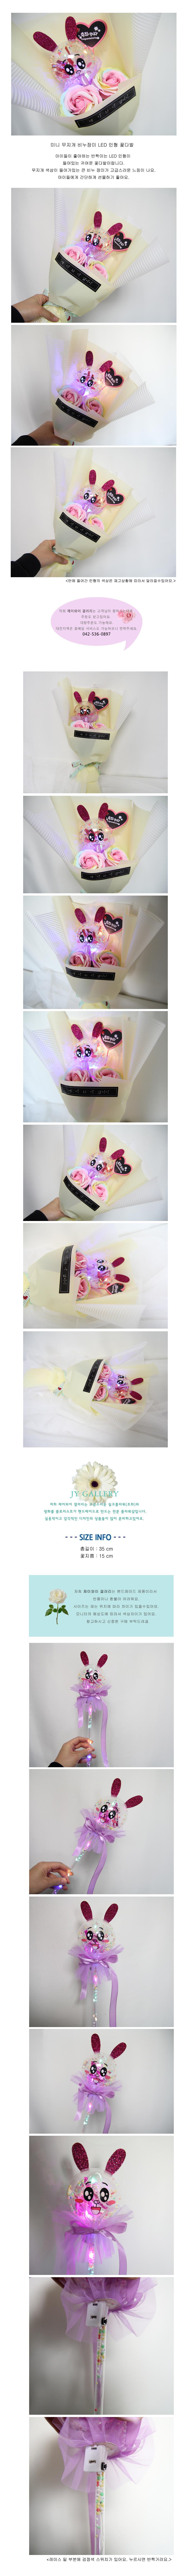 미니 무지개 비누장미LED인형꽃다발 - 제이와이갤러리, 12,900원, 조화, 꽃다발/꽃바구니